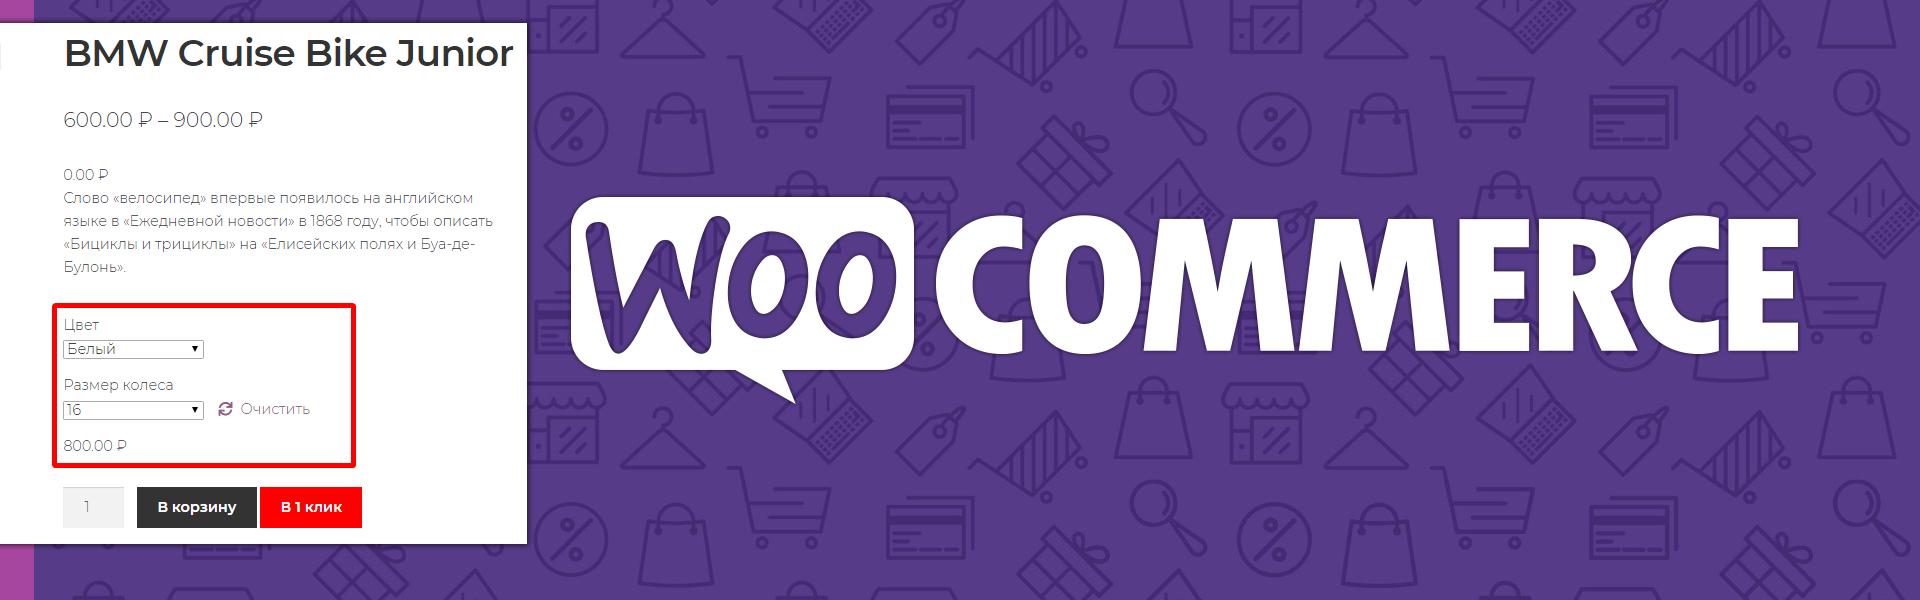 Произвольные поля для вариативных товаров WooCommerce • 1 • Финты WordPress